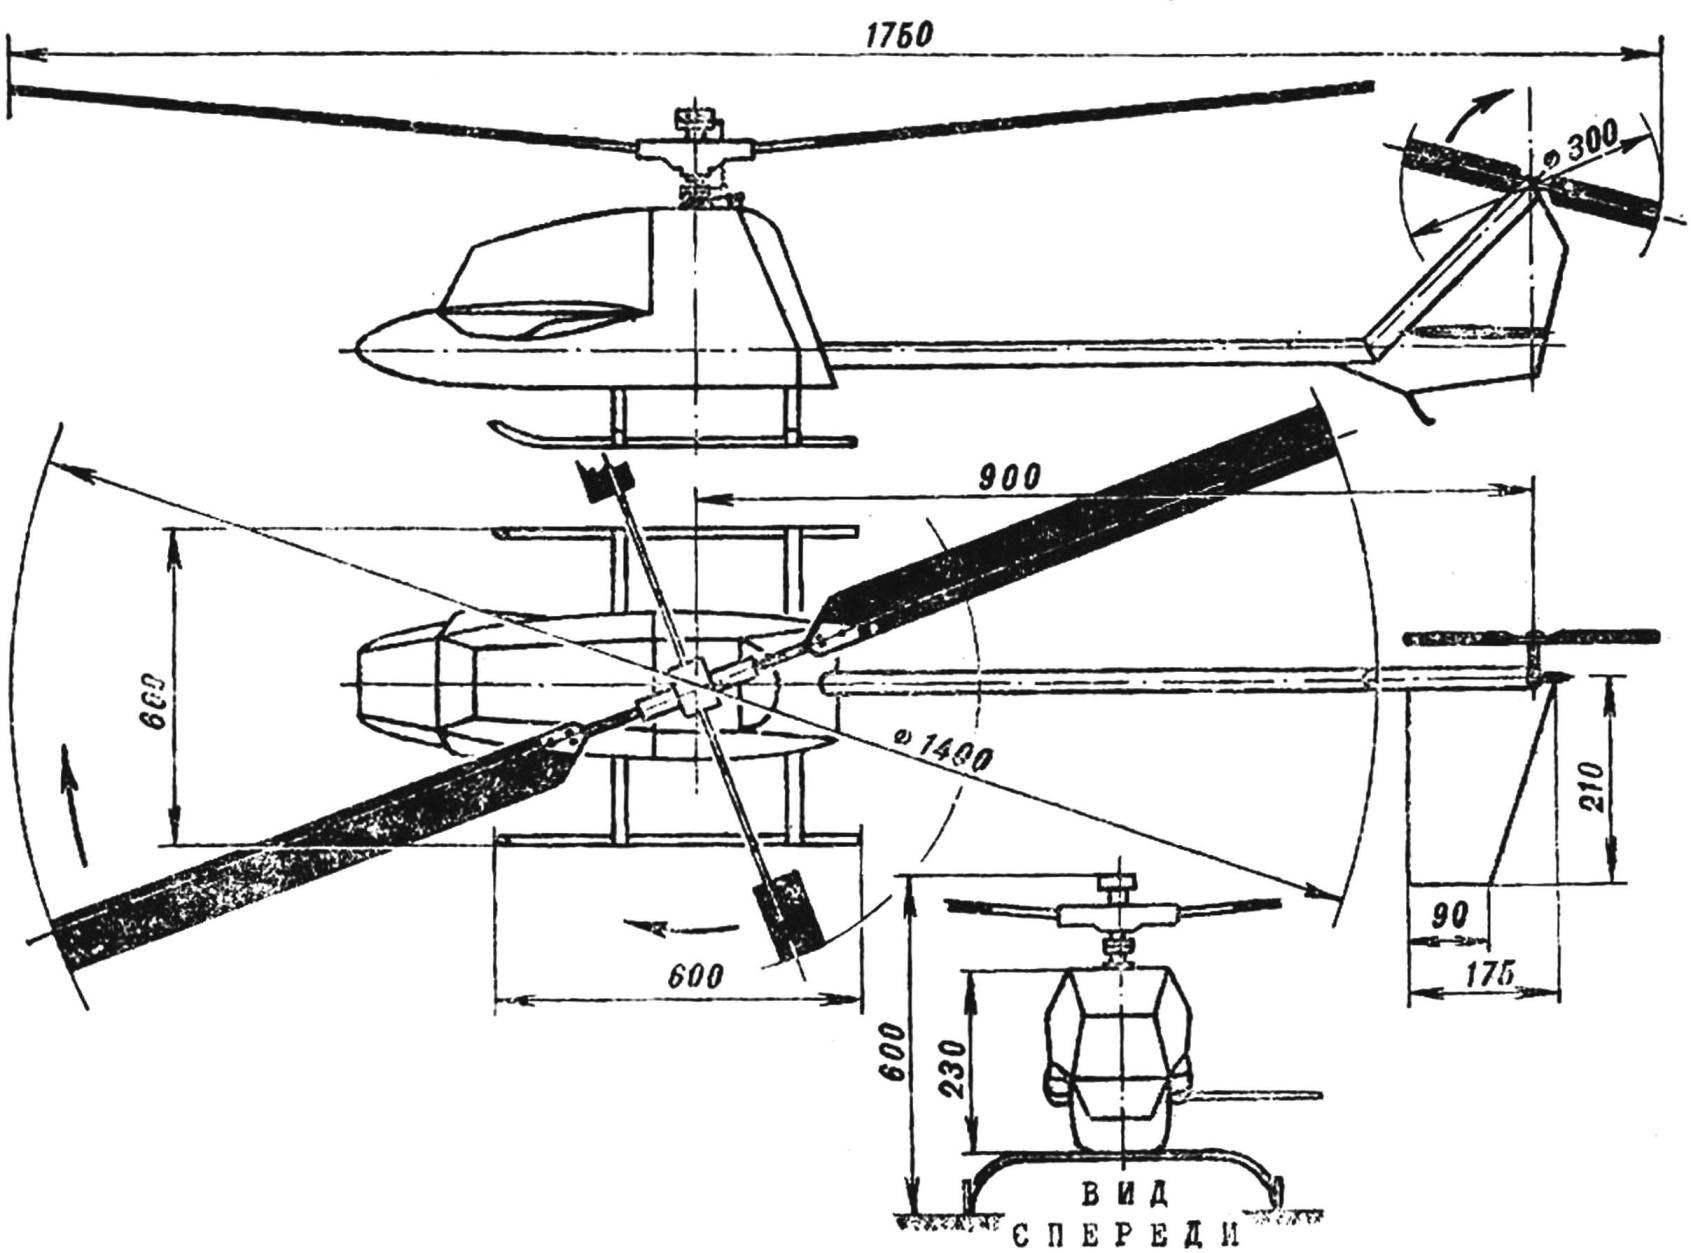 Рис. 3. Радиоуправляемая модель вертолета В. Макеева и И. Цибизова.